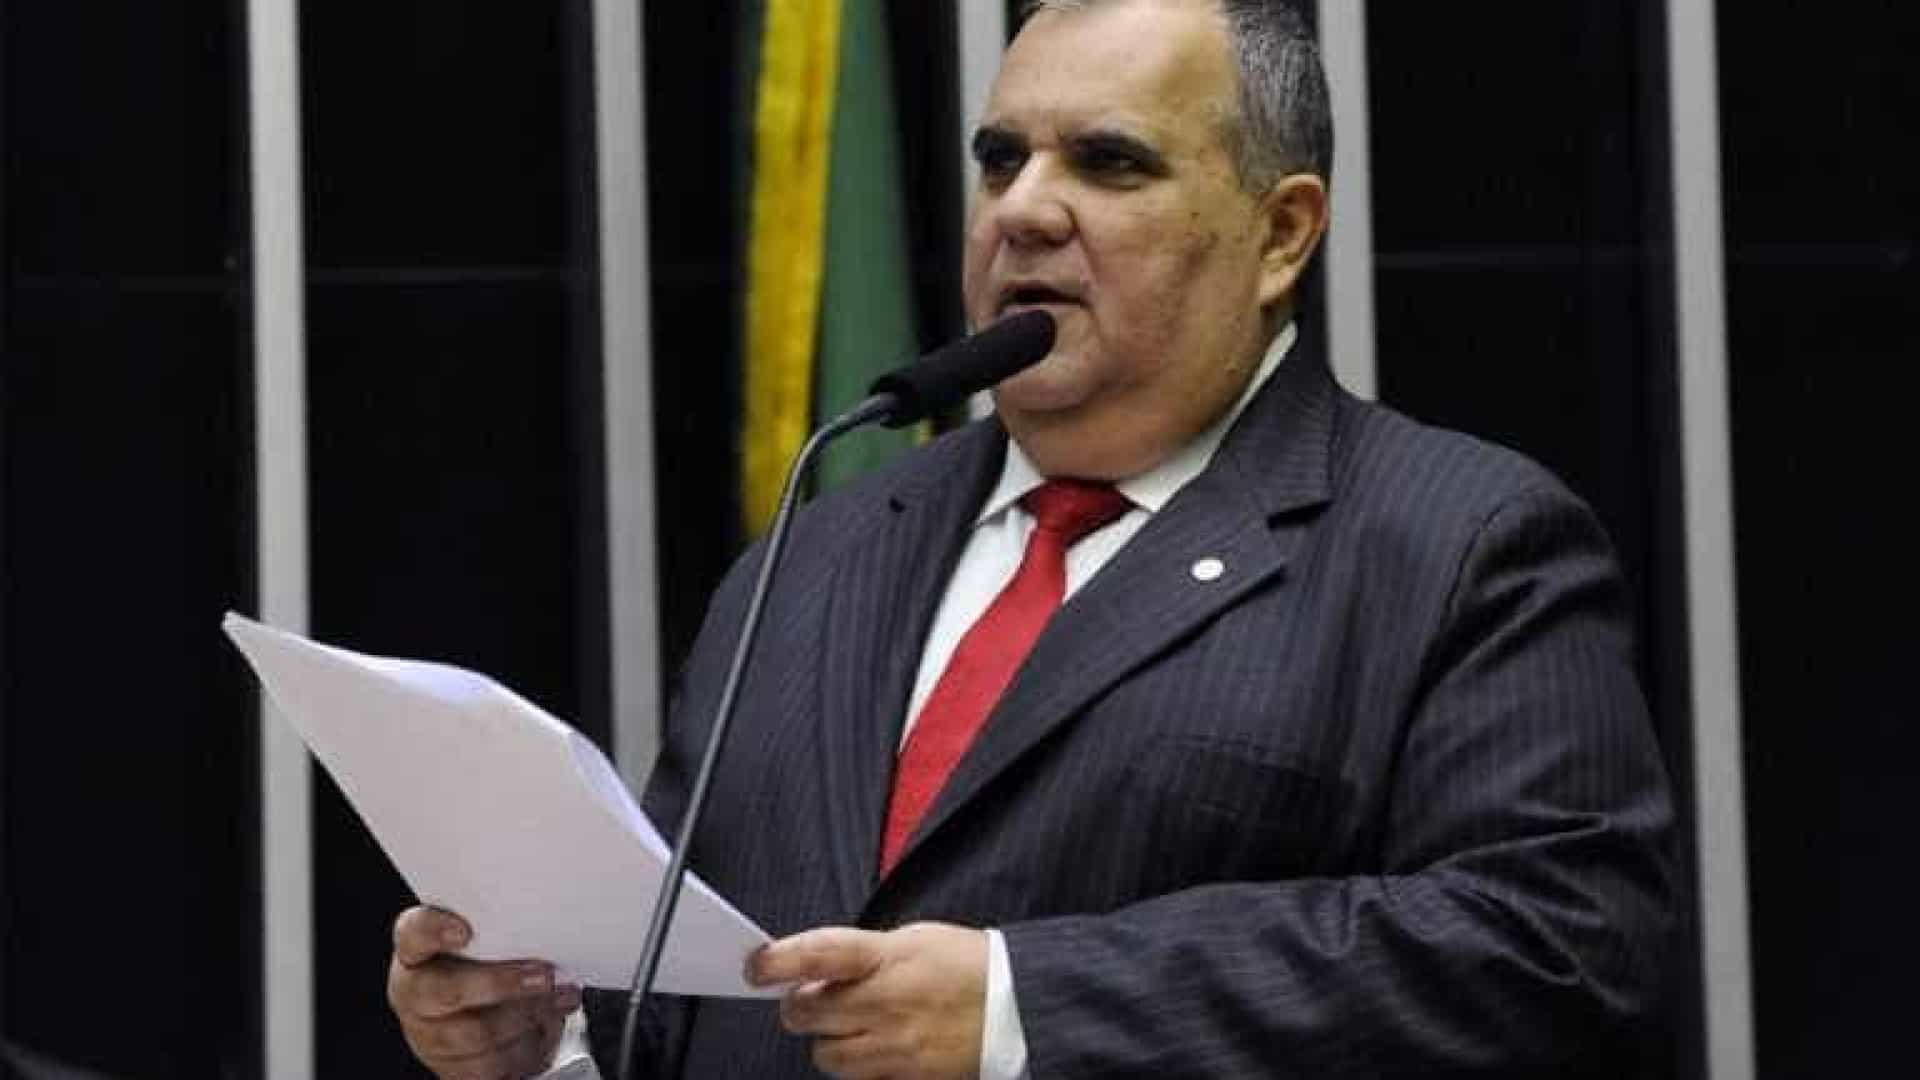 Aos 53 anos, morre deputado federal Rômulo Gouveia, do PSD